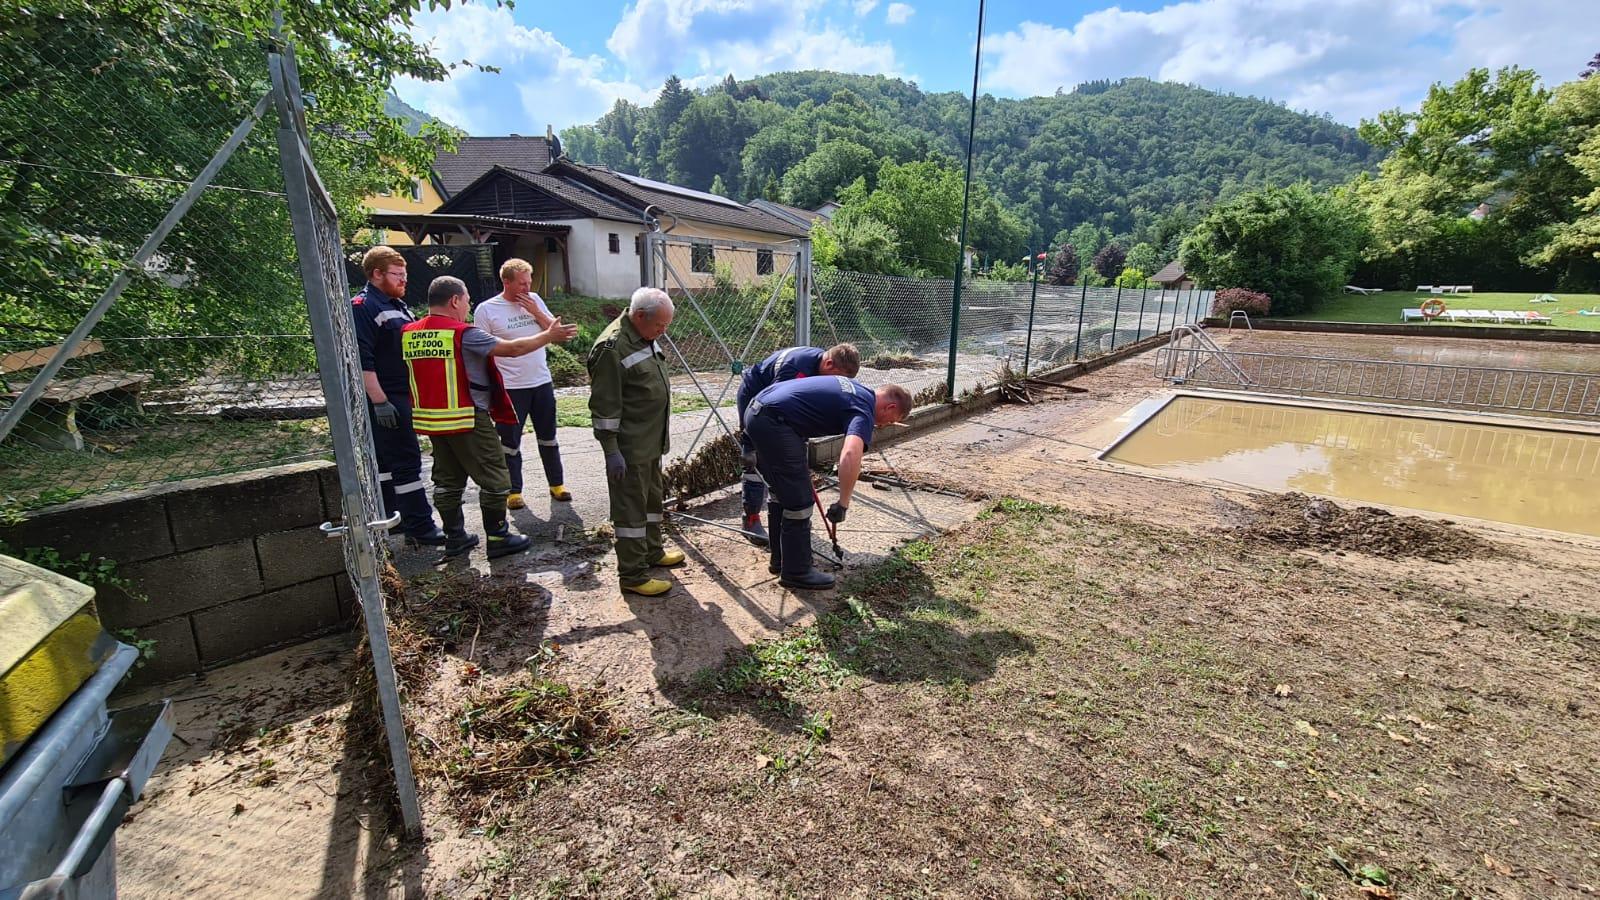 2021-07-19 - Unwettereinsatz-Aggsbach-Dorf (4)